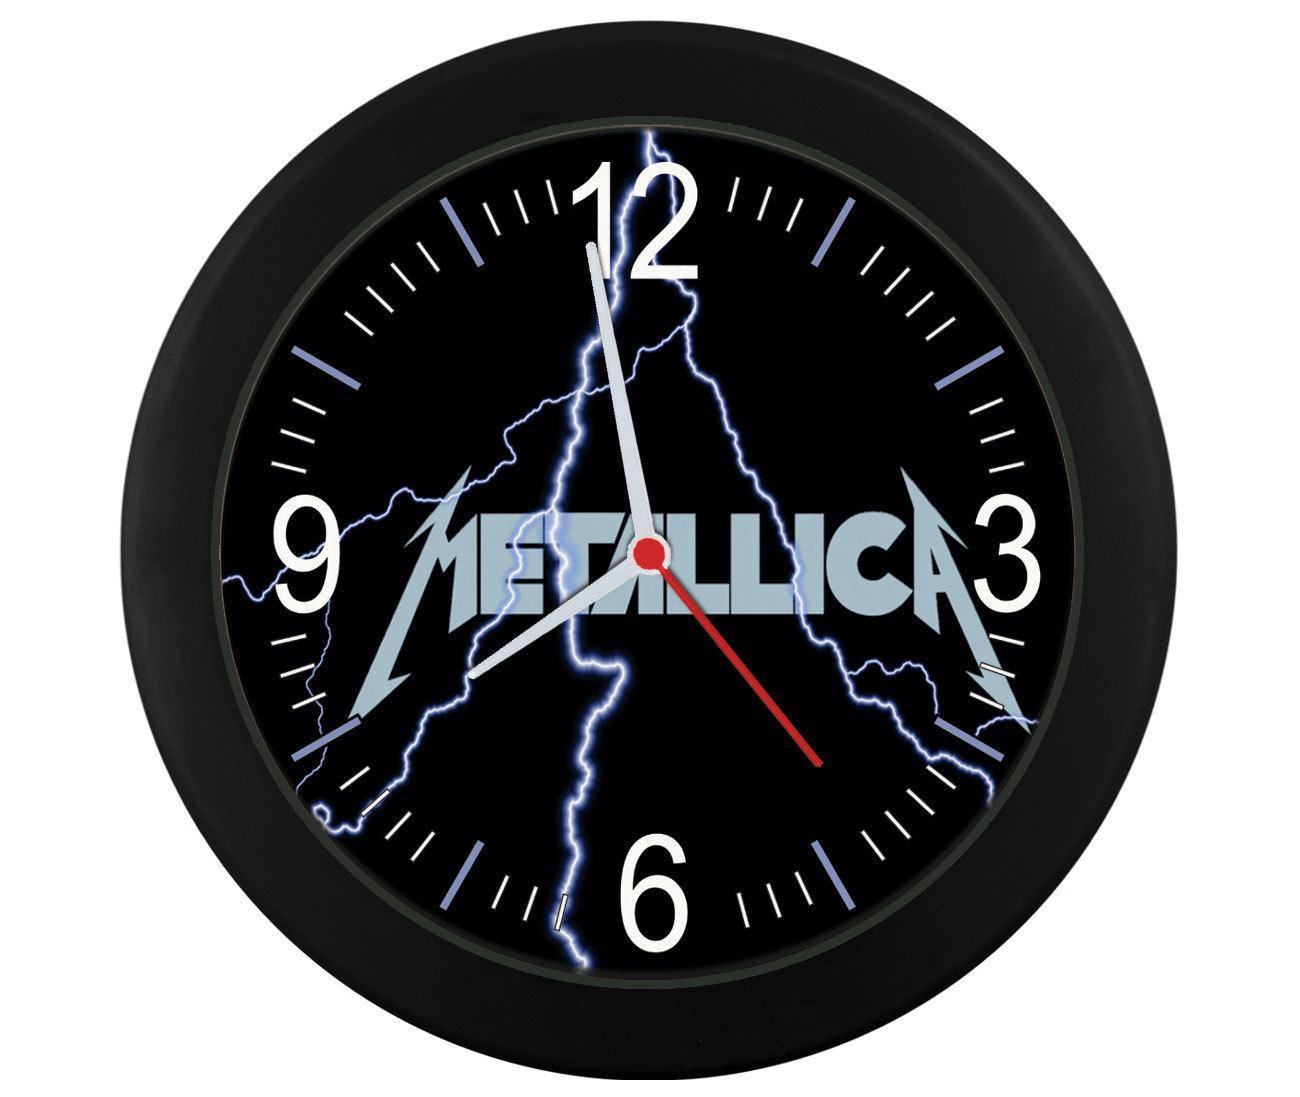 Relógio de parede Metallica